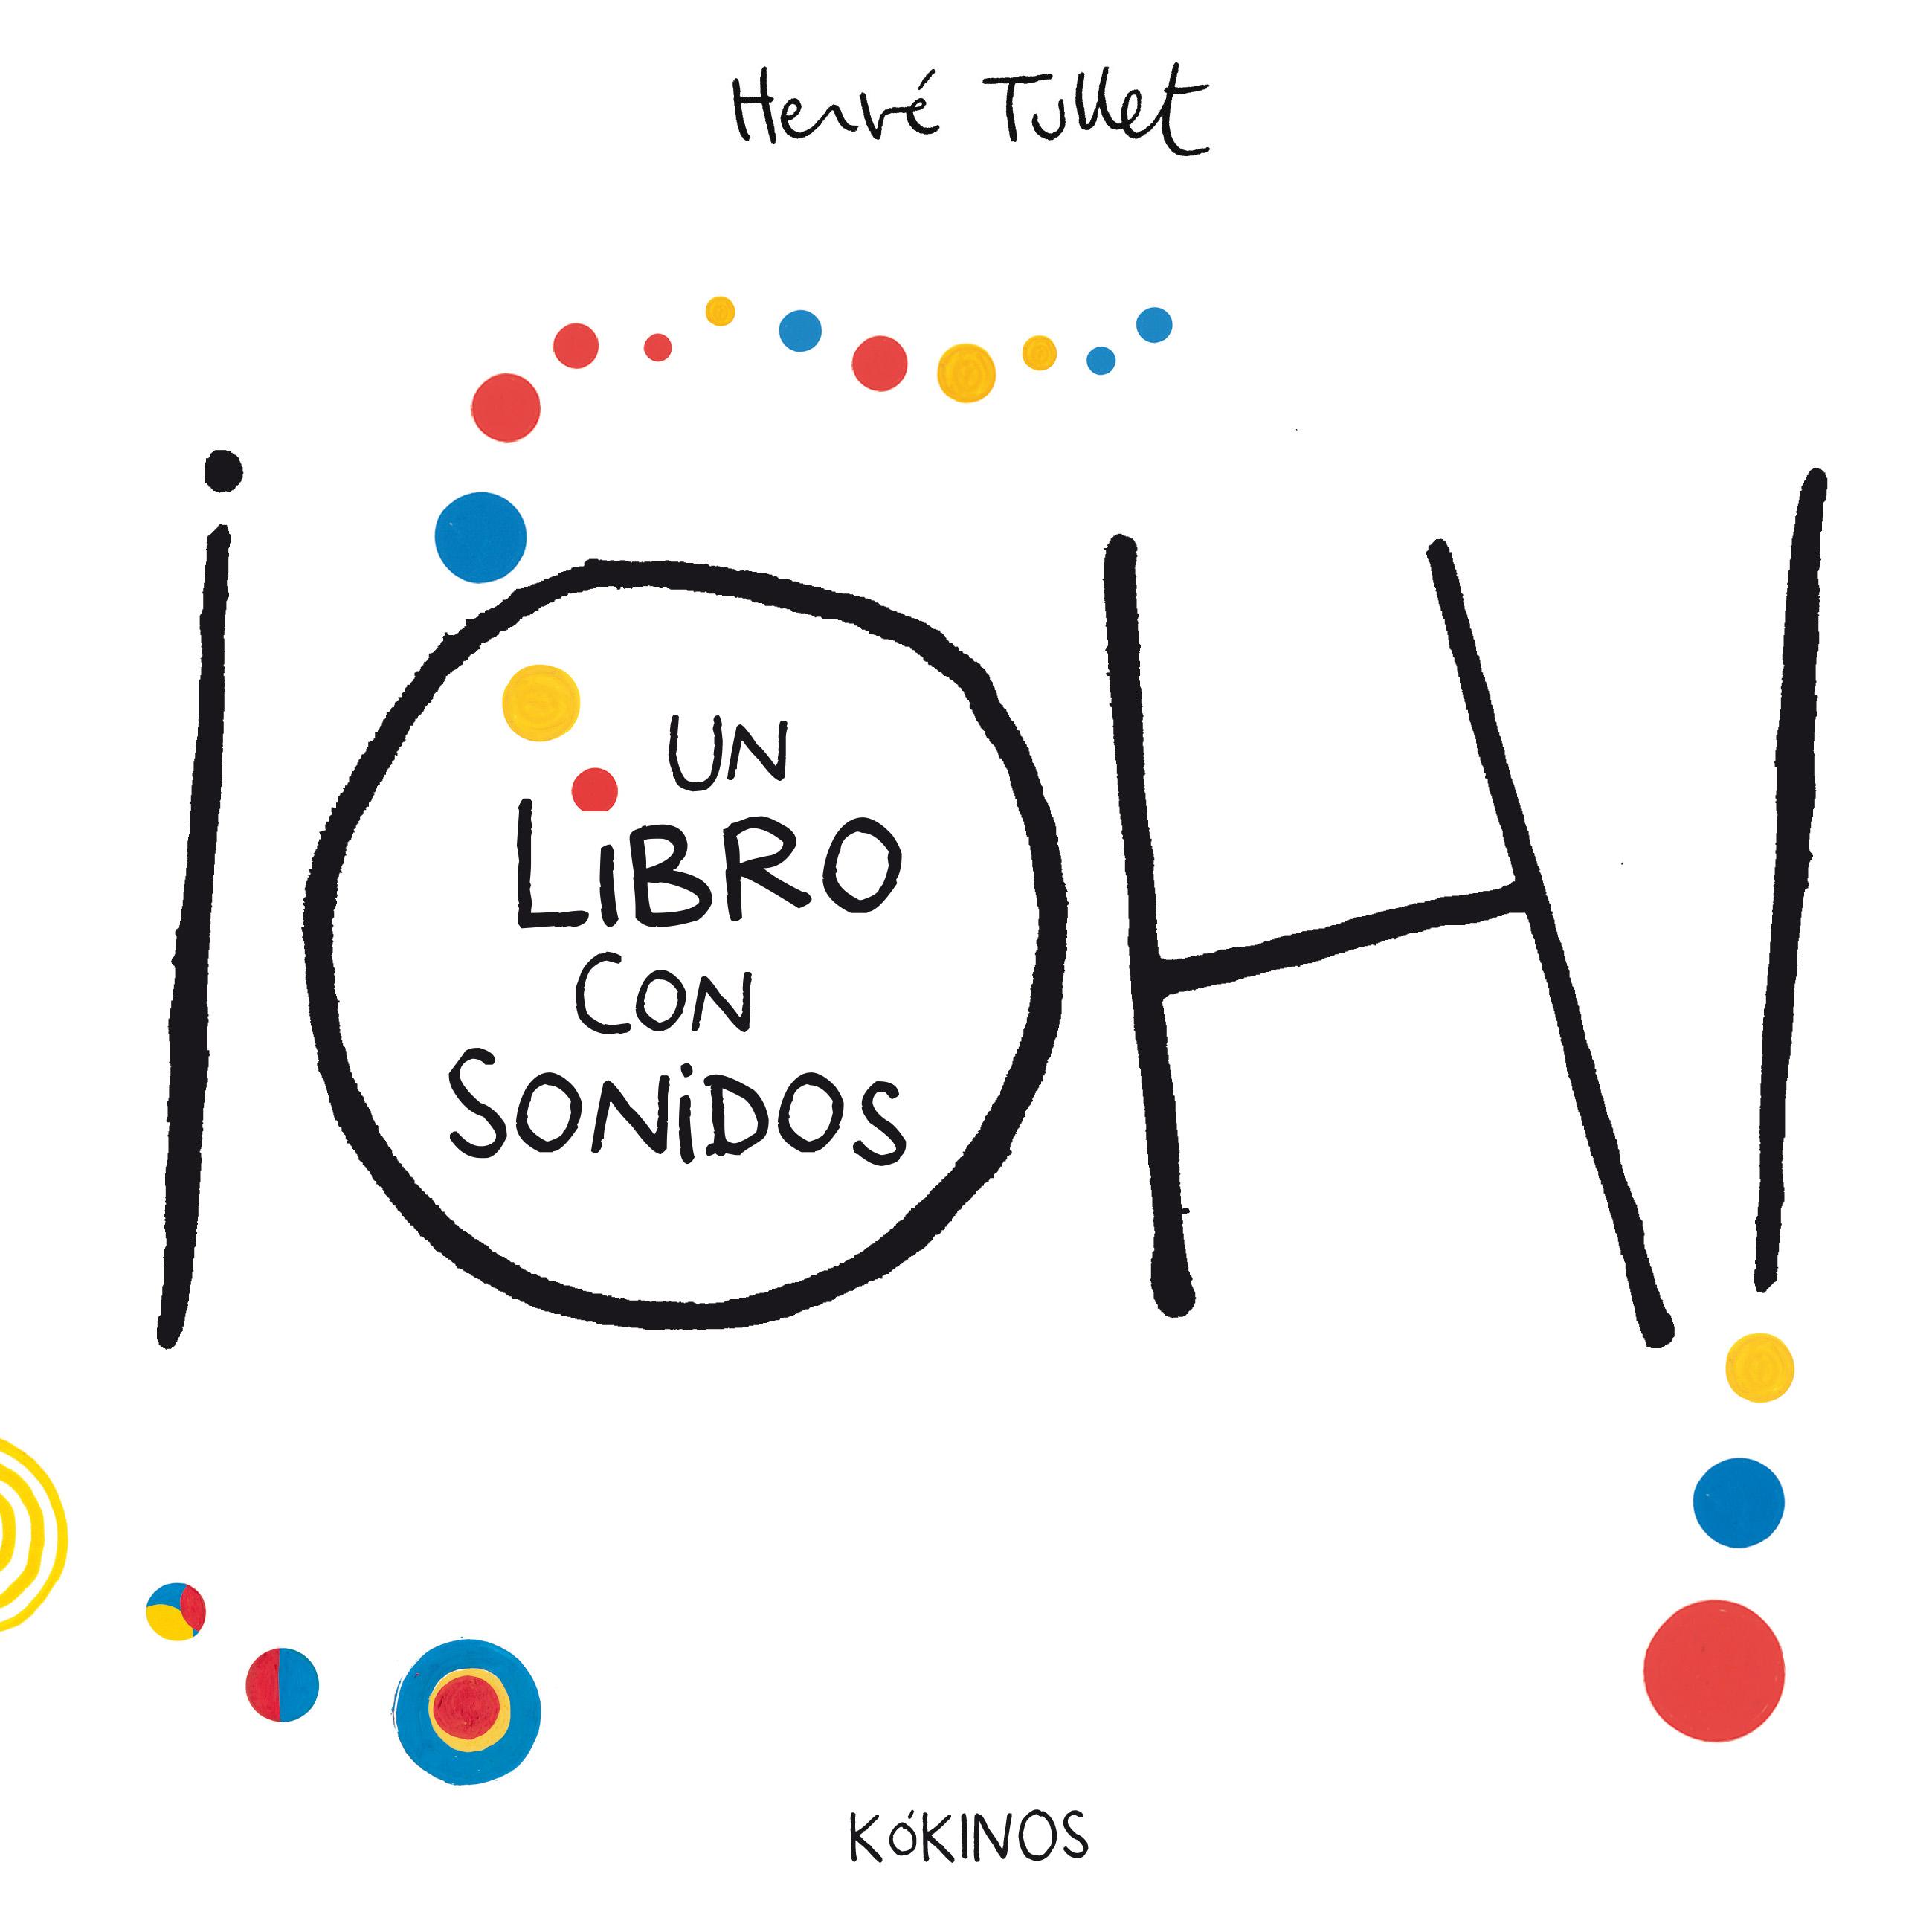 Resultado de imagen de OH! un libro con sonidos